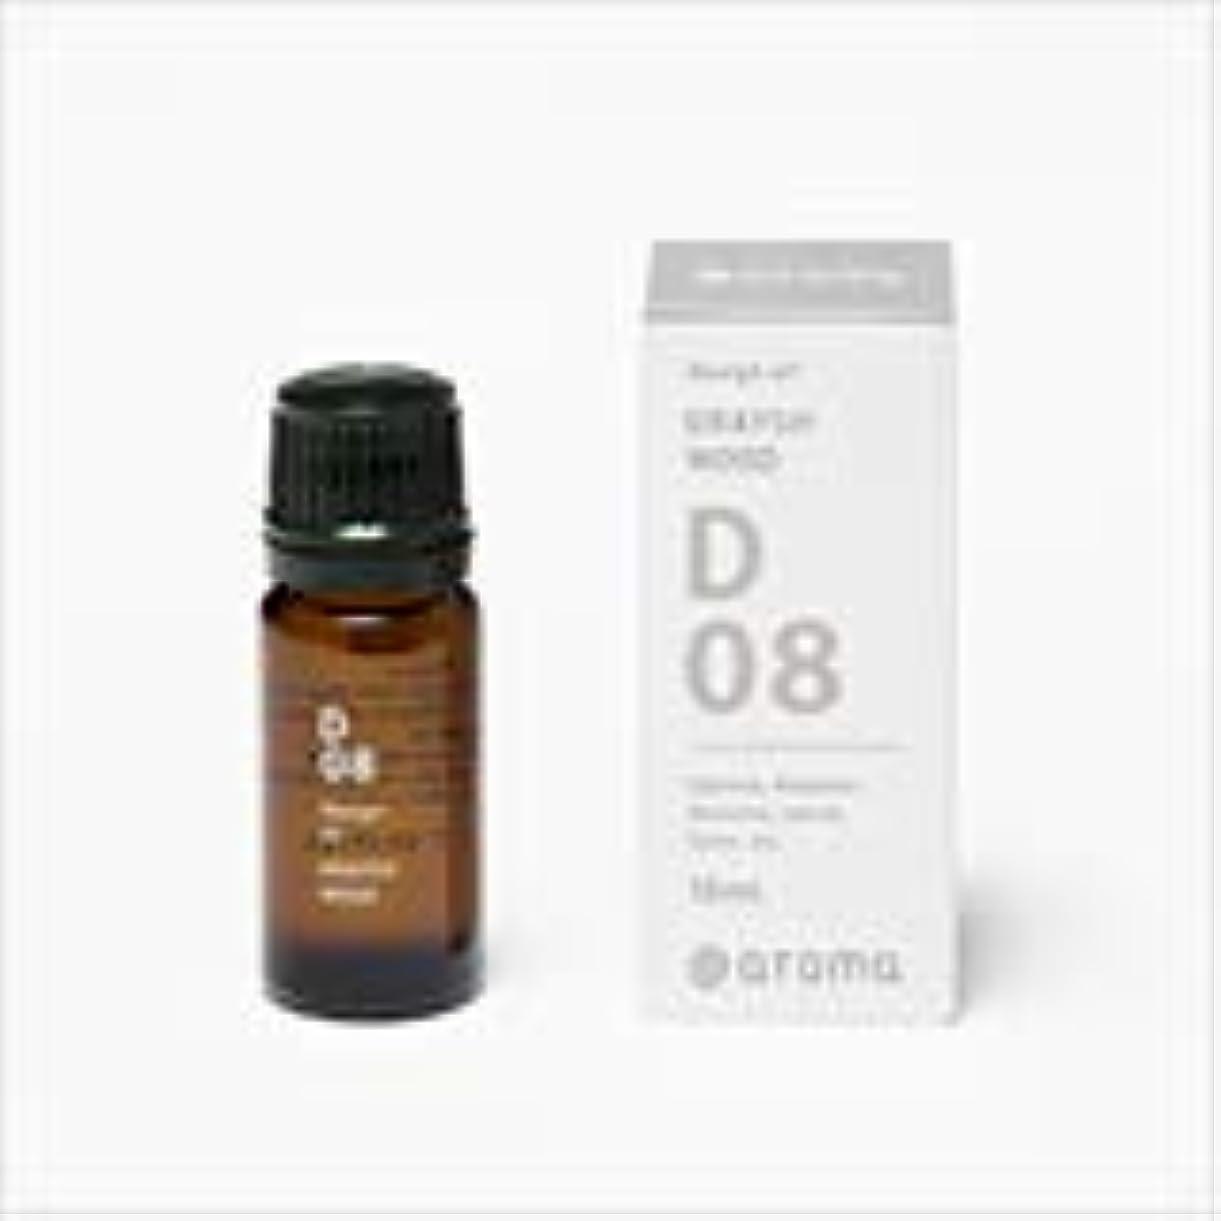 ふさわしいさせるプーノアットアロマ 100%pure essential oil <Design air グレイッシュウッド>